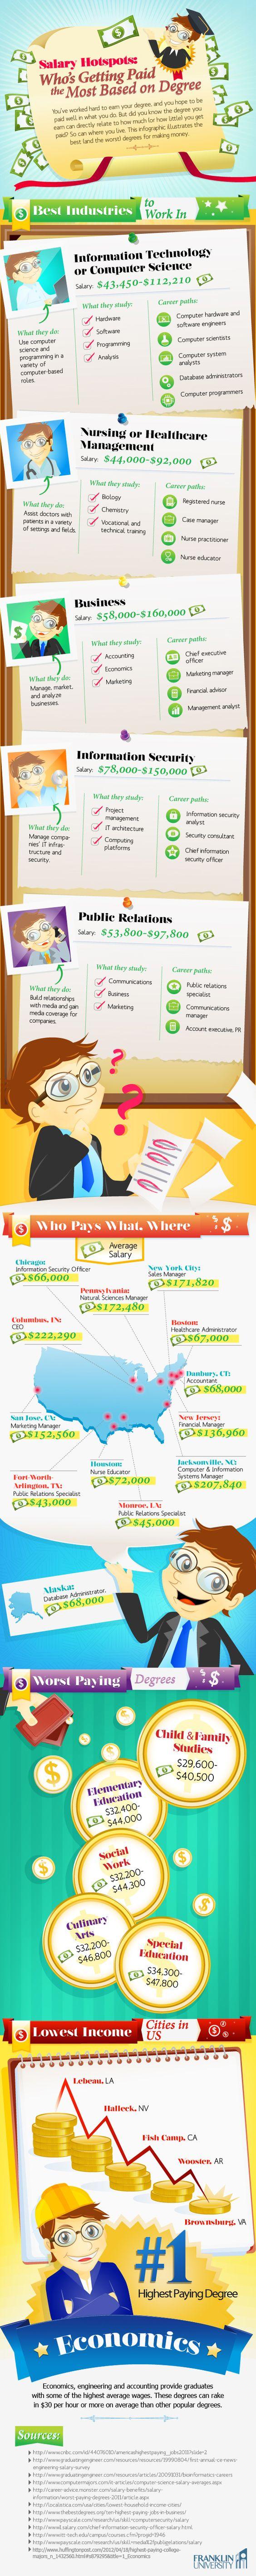 salary hotspots